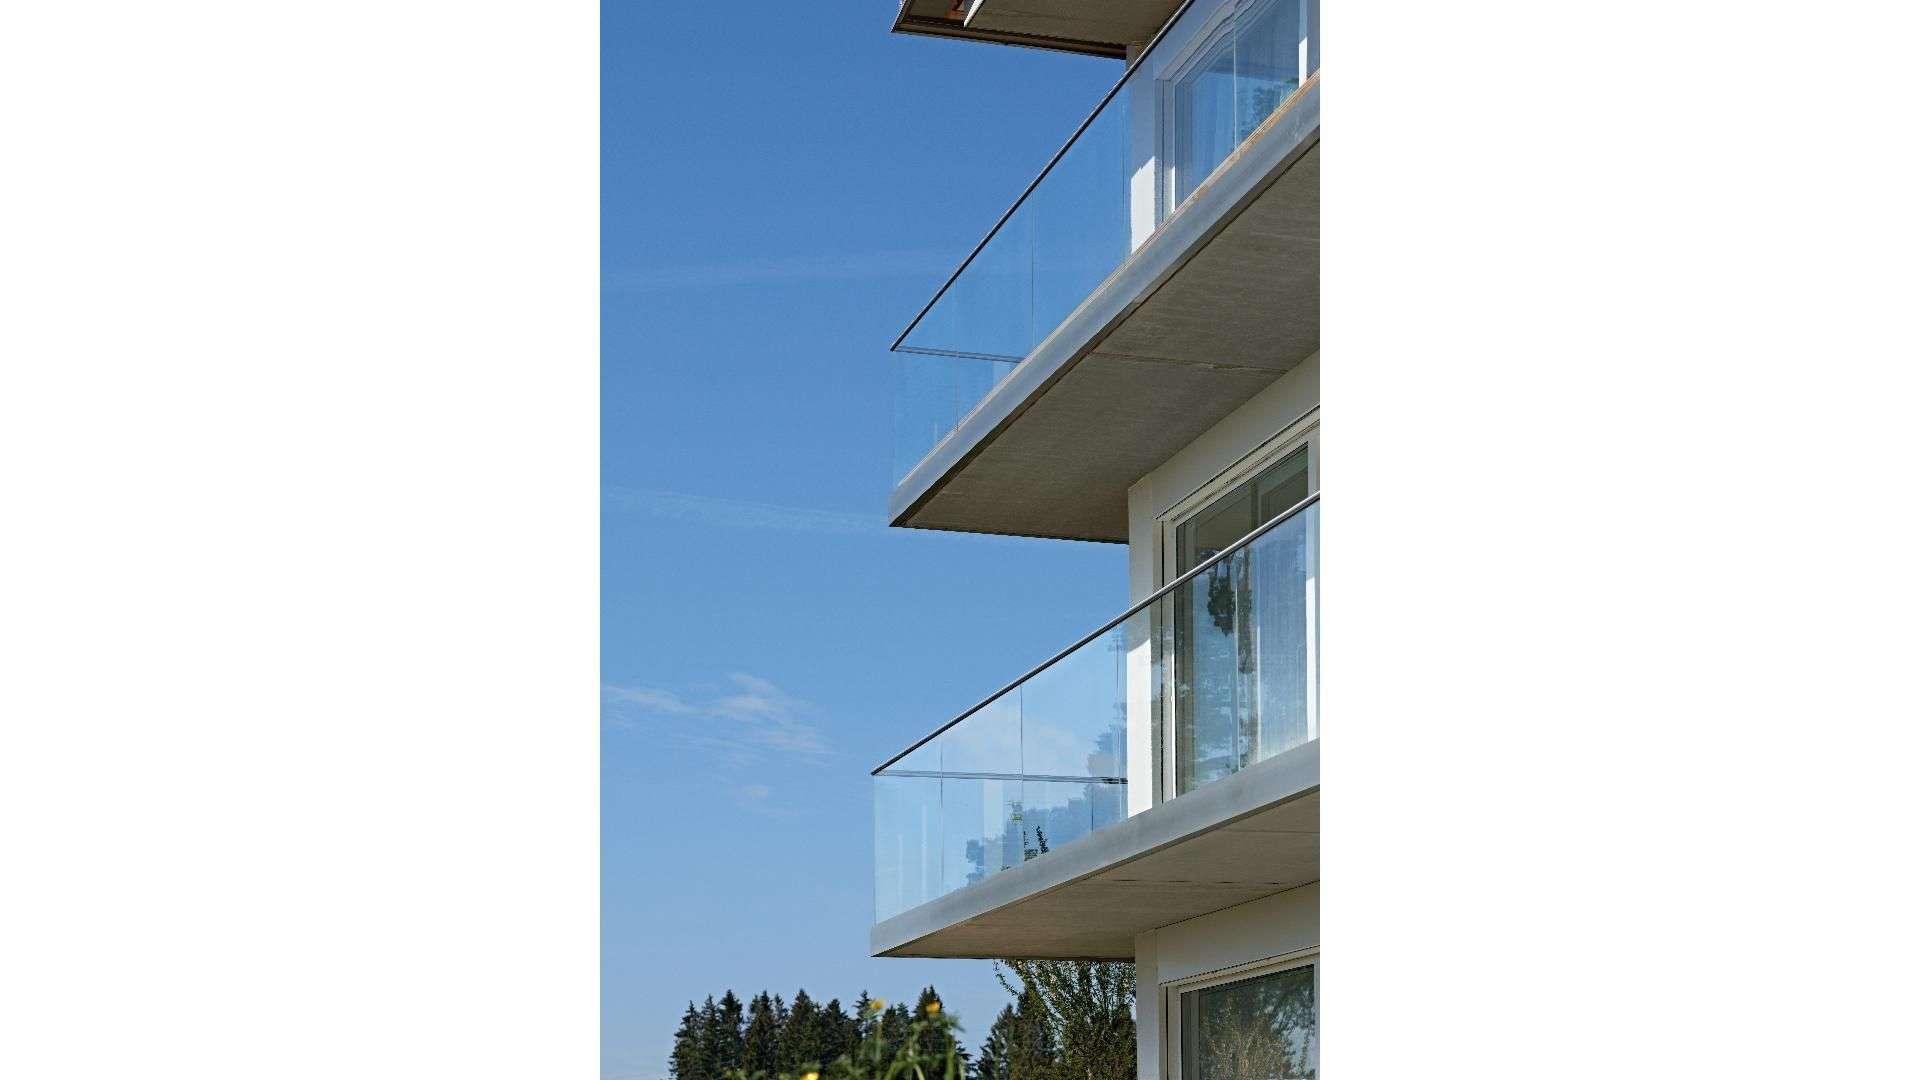 lange Balkone an einem Mehrfamilienhaus